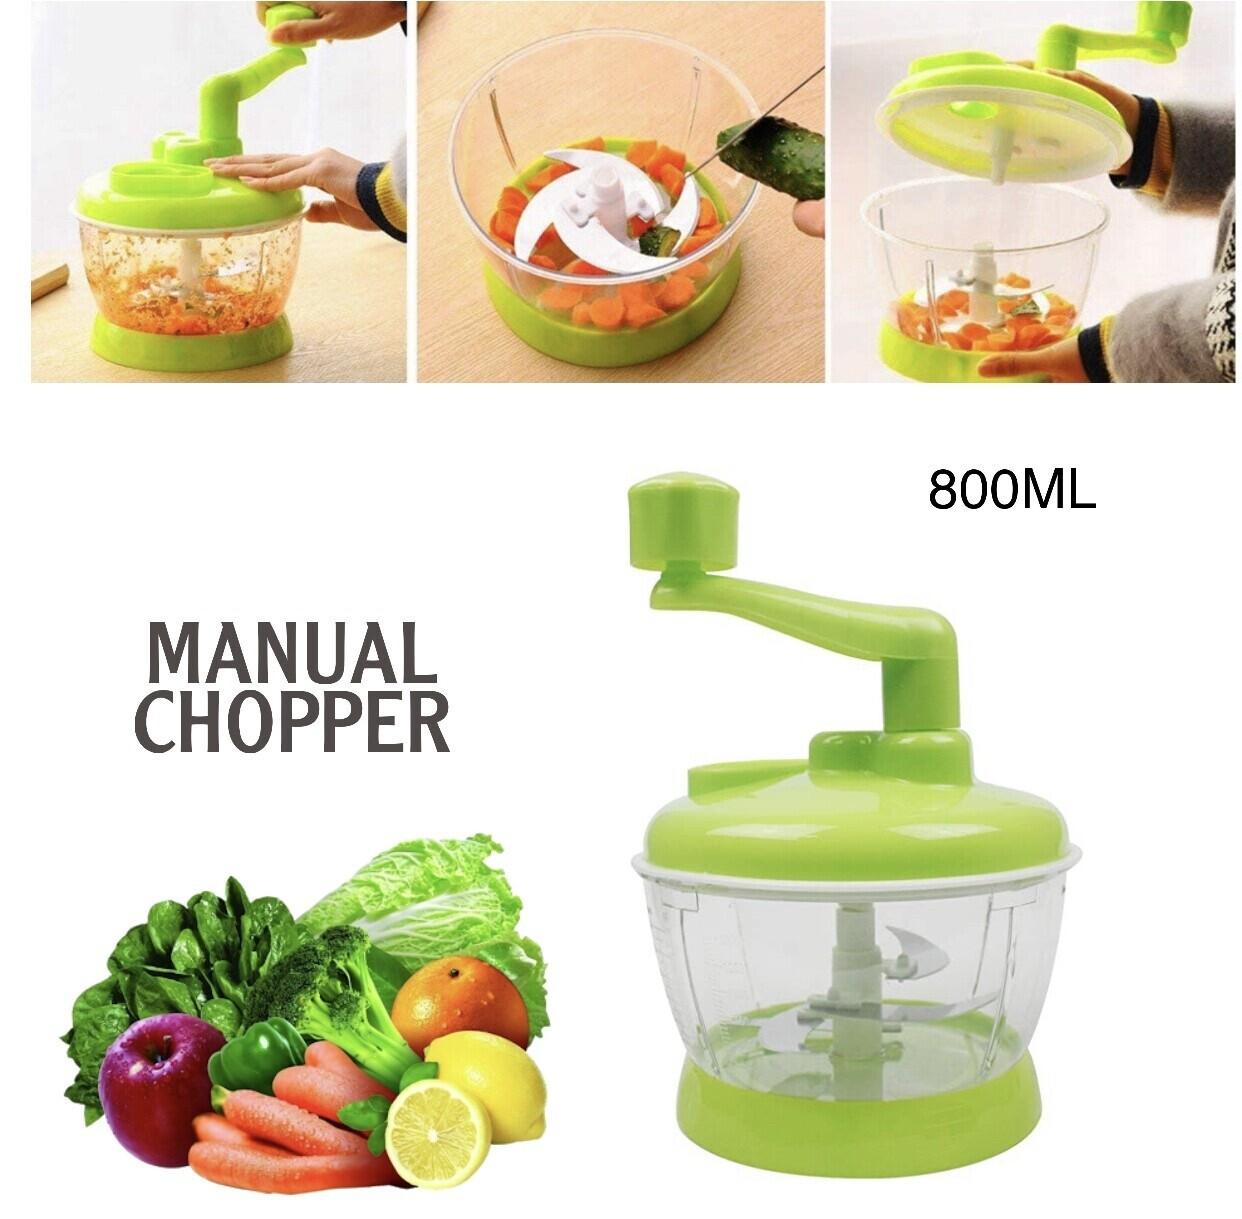 Manual Chopper